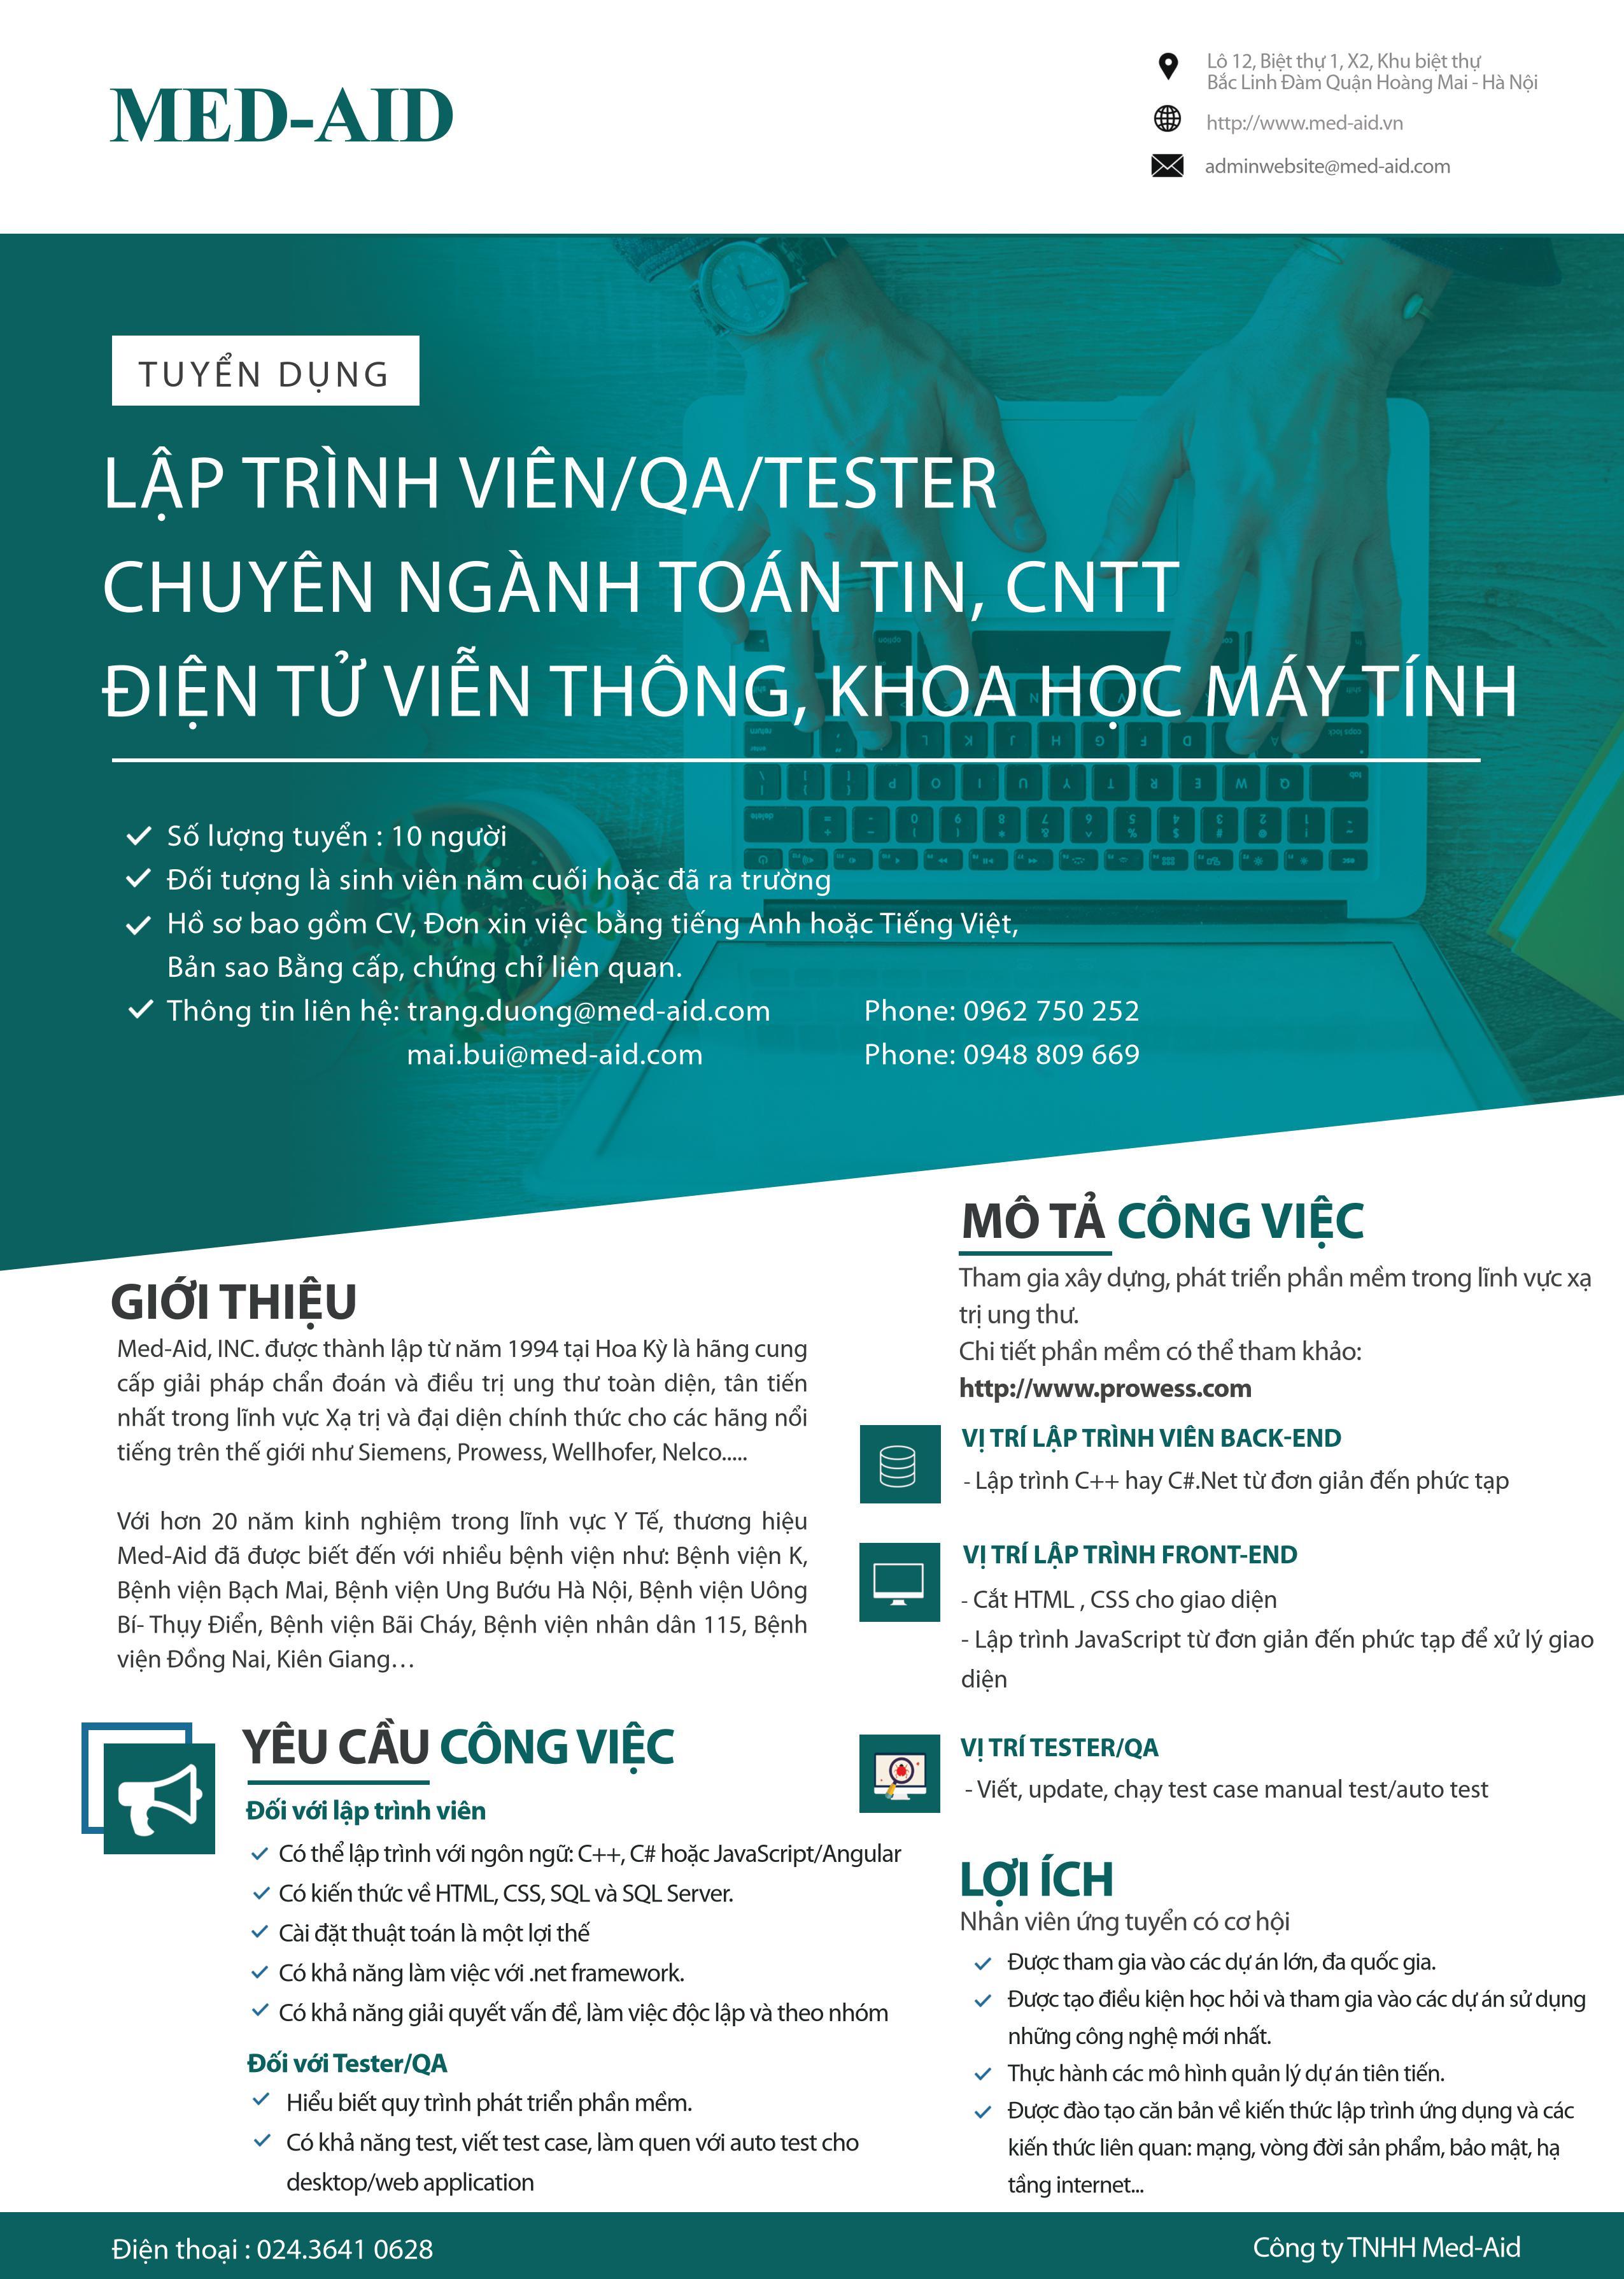 MED-AID Tuyển dụng Lập trình viên QA/TESTER Chuyên ngành CNTT